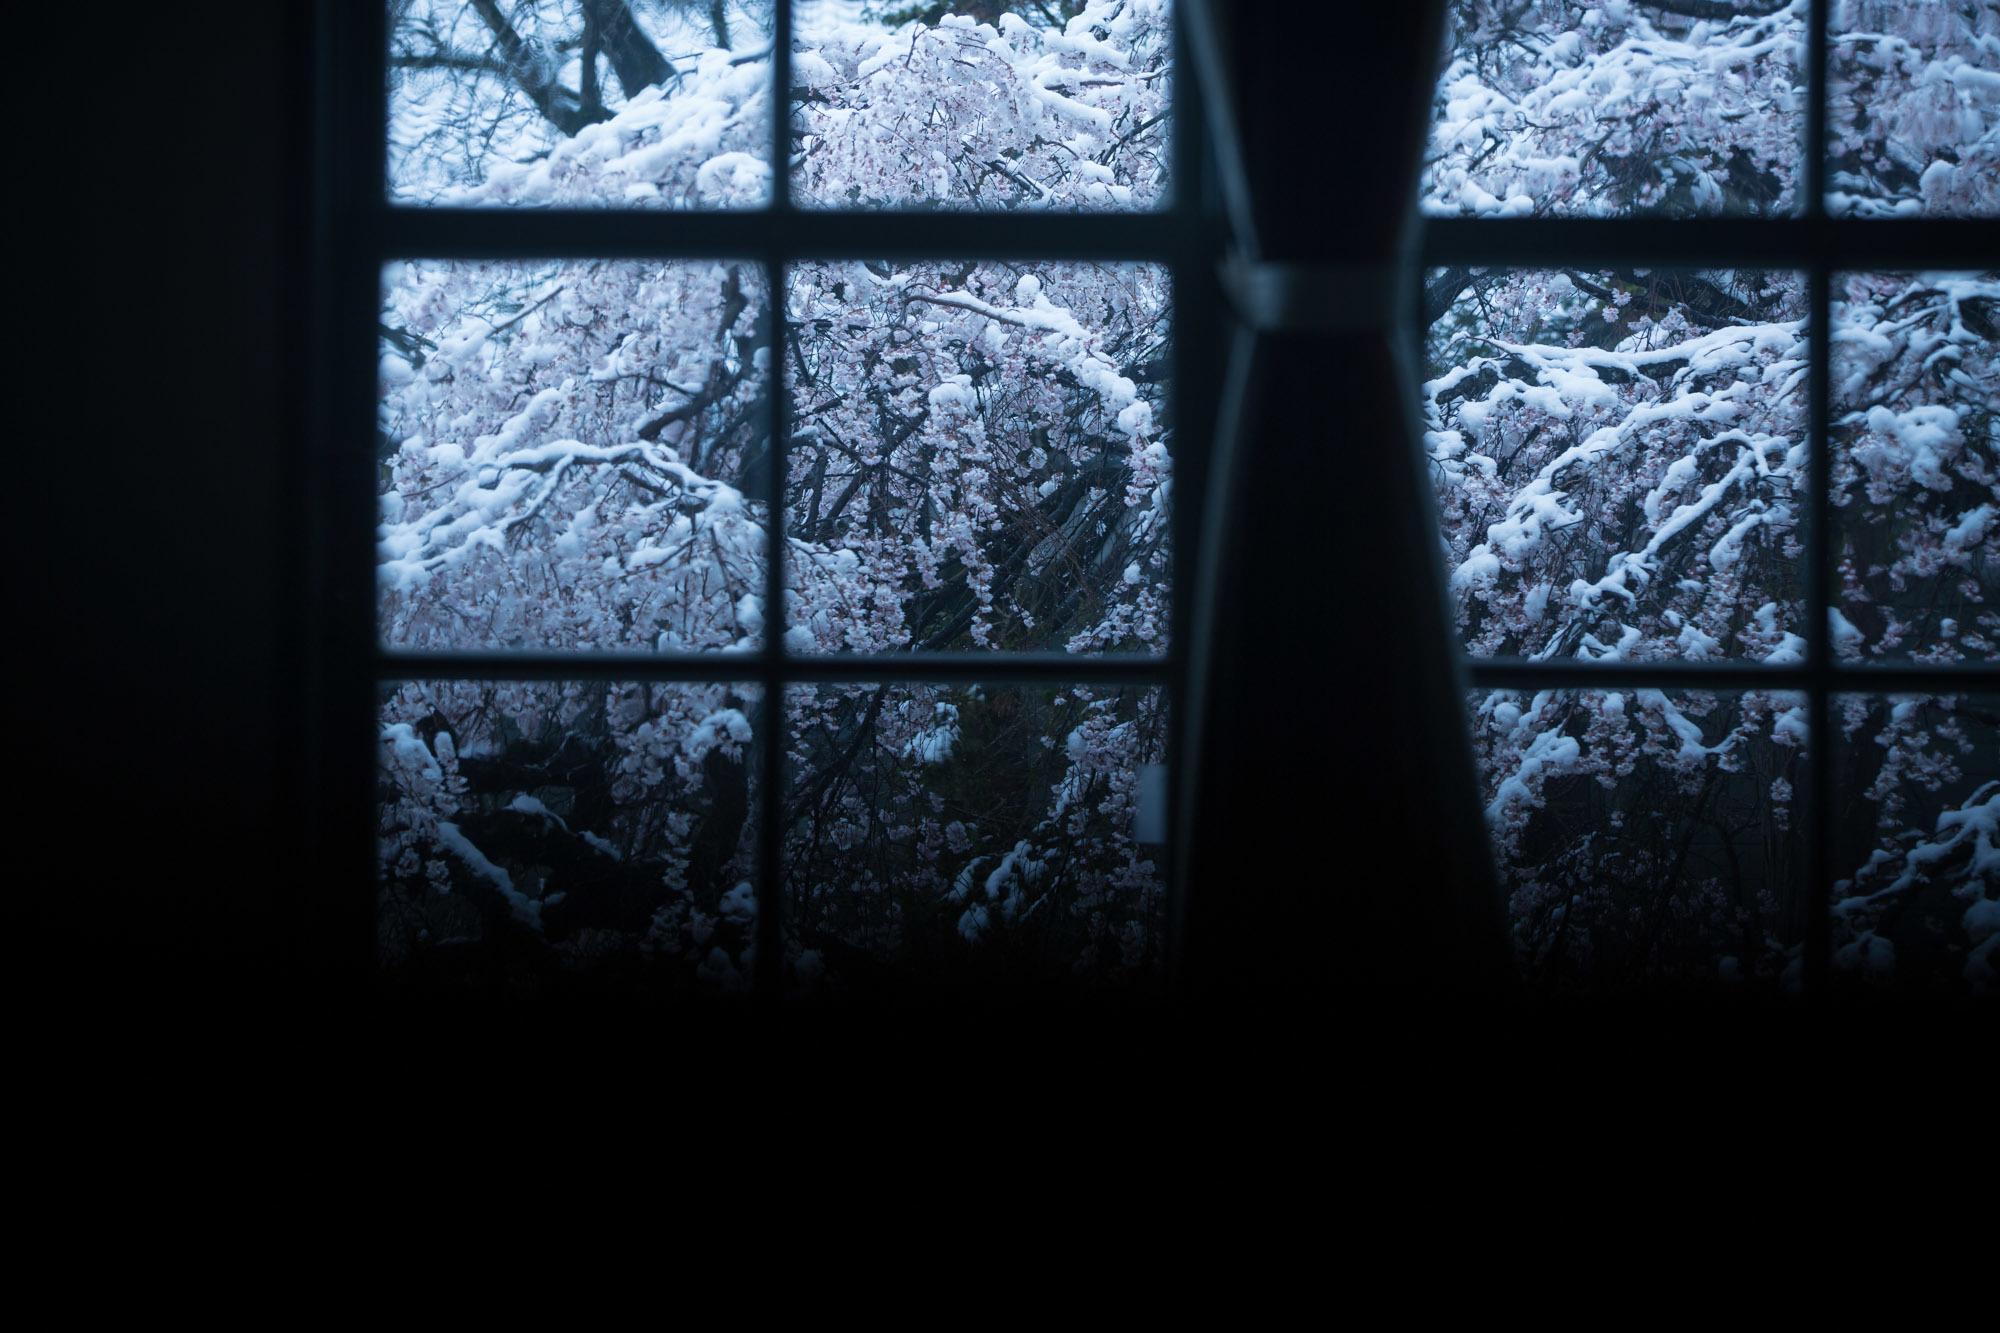 なごり雪の窓辺~あがたの森の枝垂桜~_d0349418_20510516.jpg